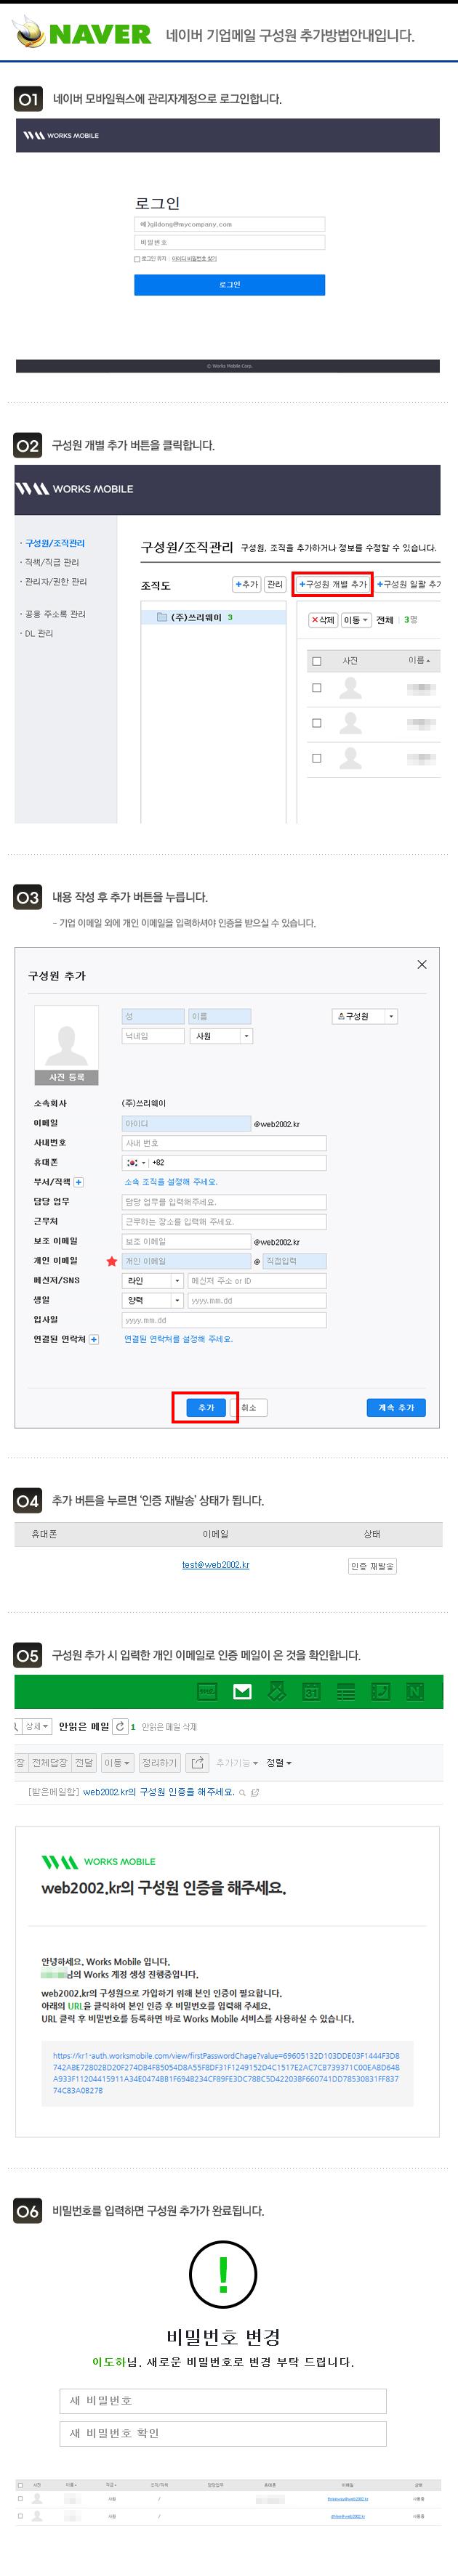 네이버-기업메일-구성원추가방법안내_150828.jpg